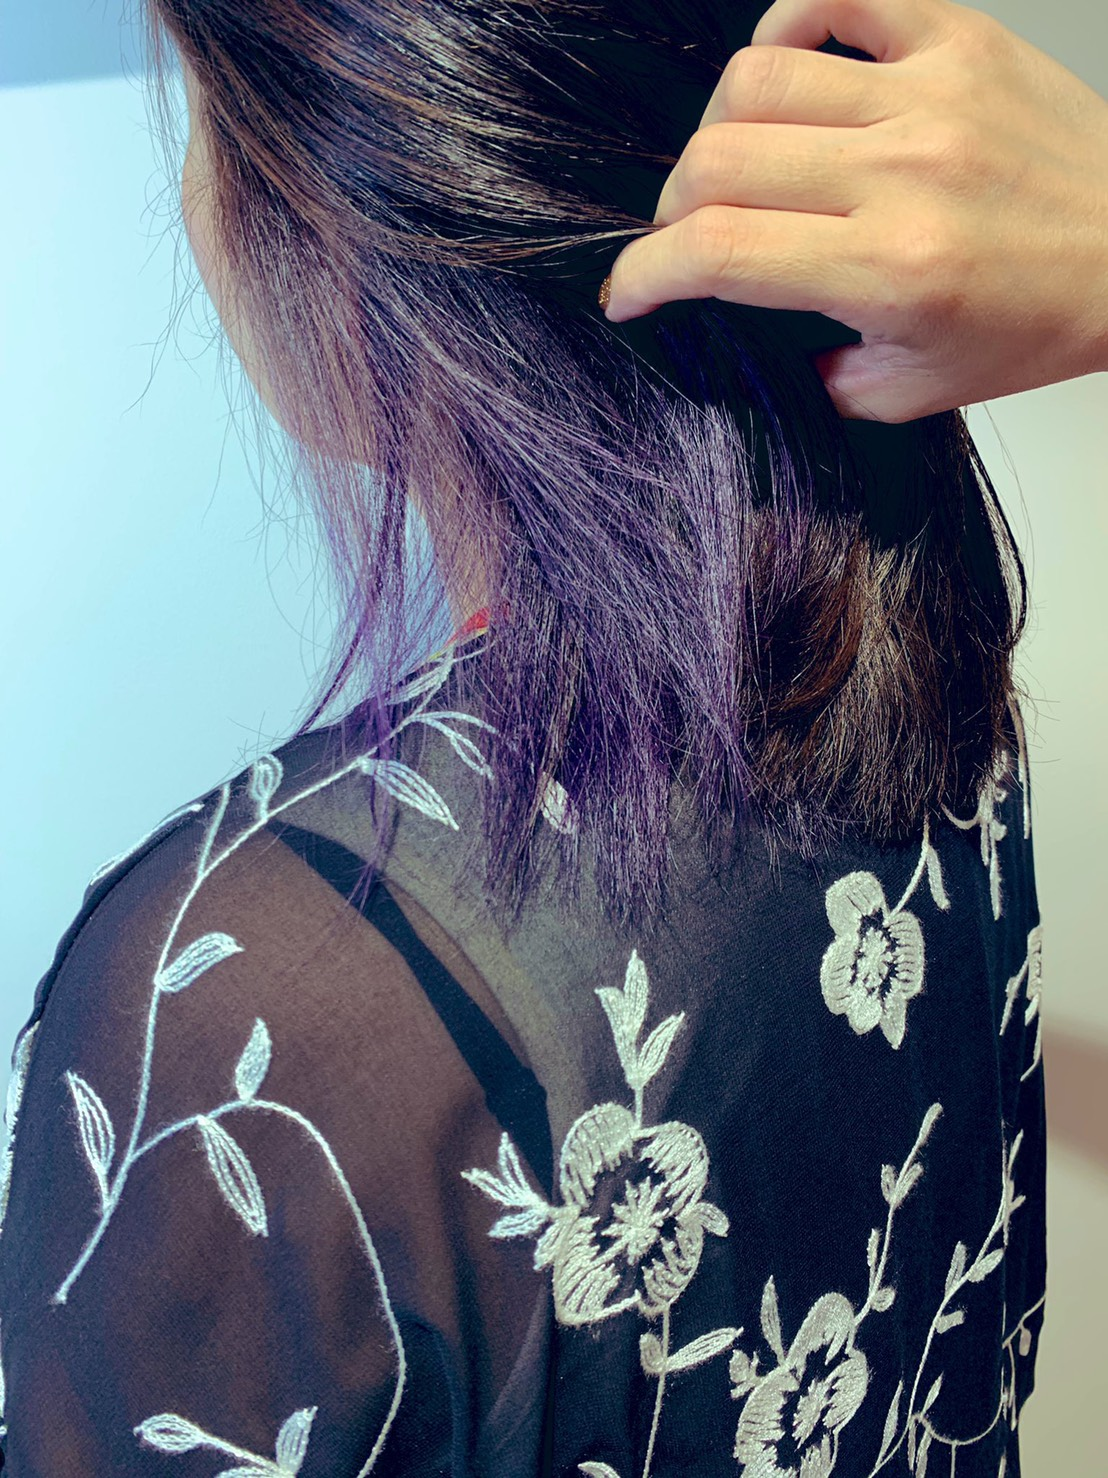 S  31023106 - Hair Gallery